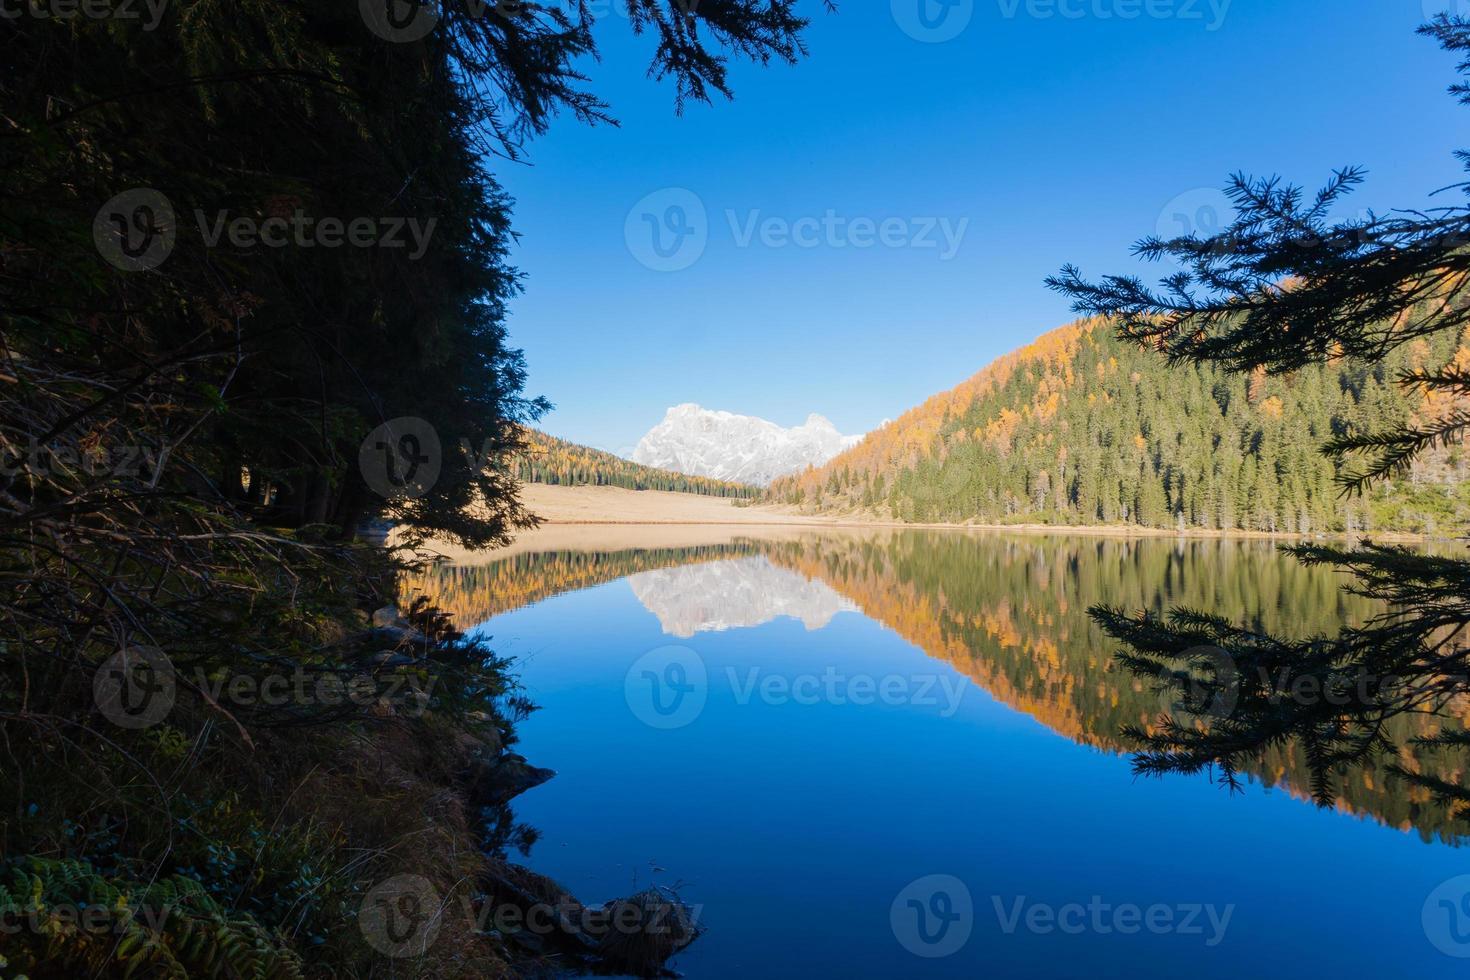 riflessioni sull'acqua, panorama autunnale dal lago di montagna foto